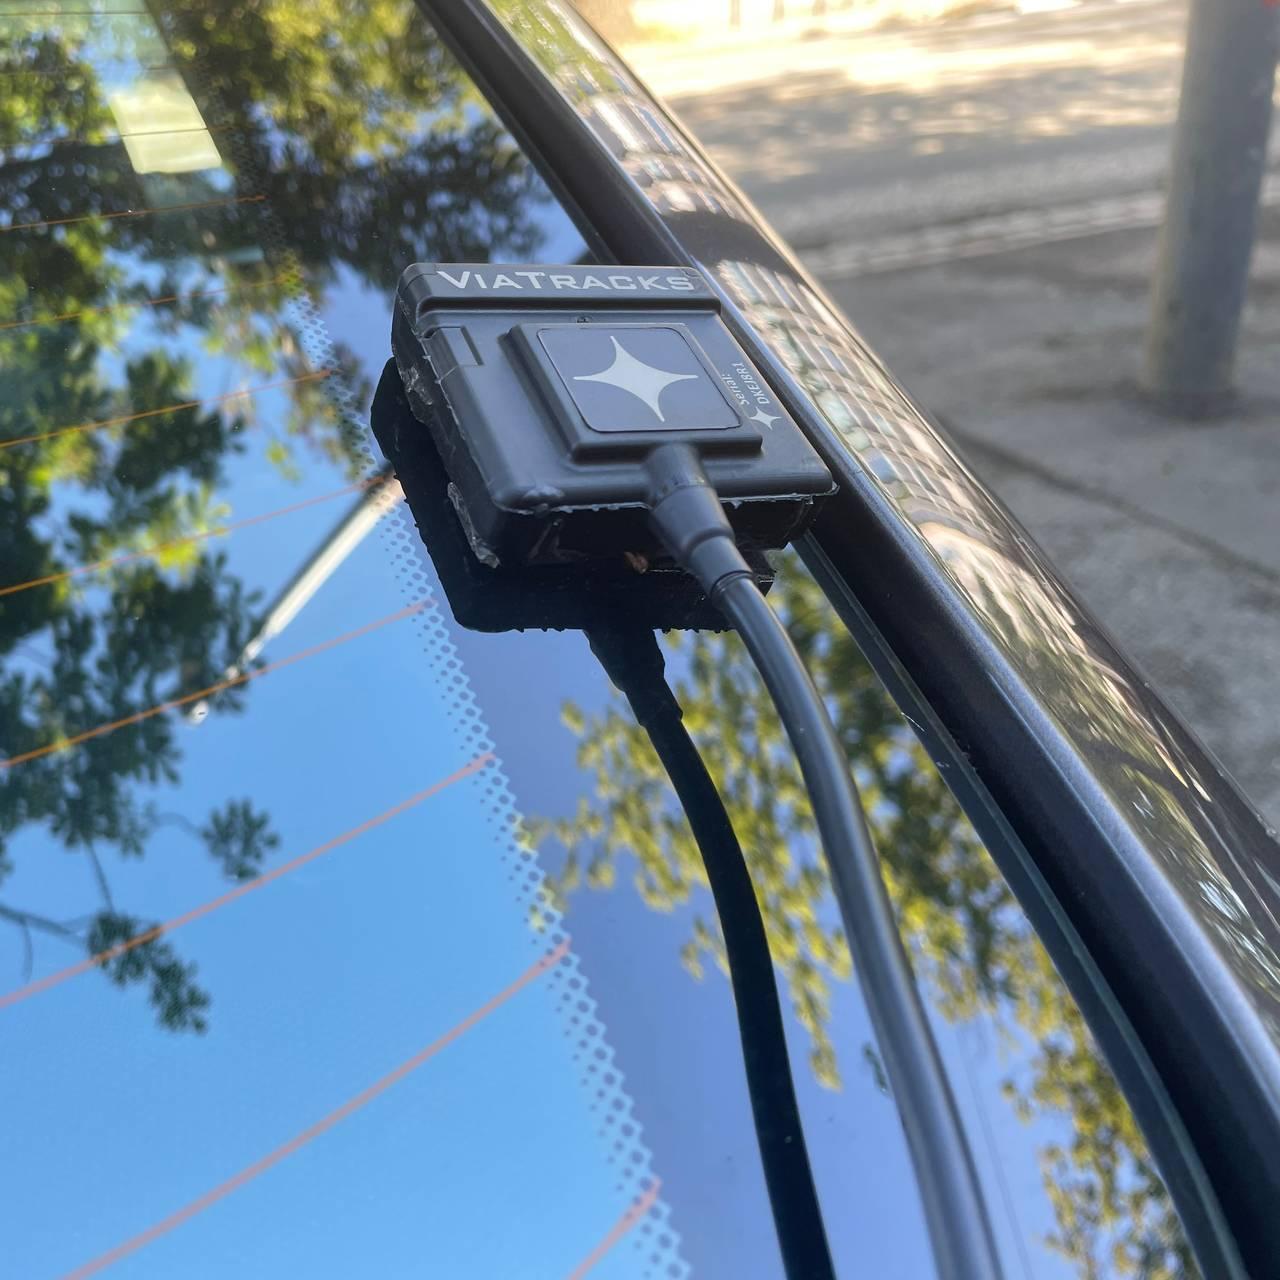 Atferdsregistrator montert på bil